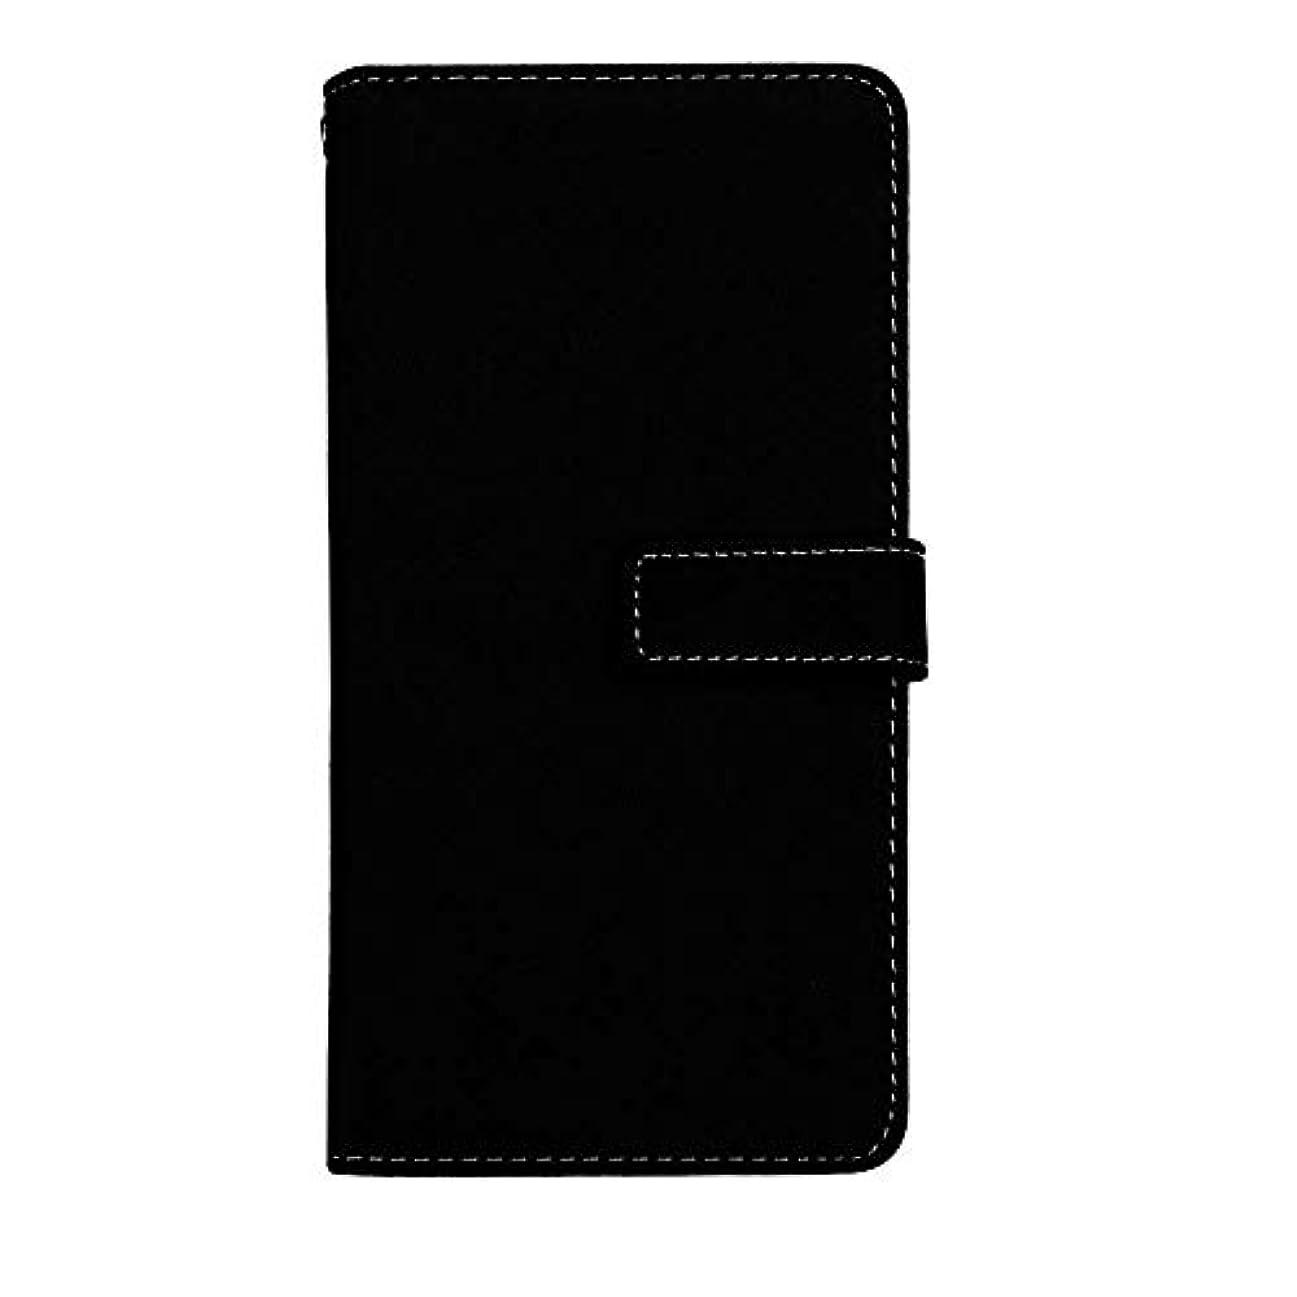 奪う横たわる長いですXiaomi Redmi S2 高品質 マグネット ケース, CUNUS 携帯電話 ケース 軽量 柔軟 高品質 耐摩擦 カード収納 カバー Xiaomi Redmi S2 用, ブラック